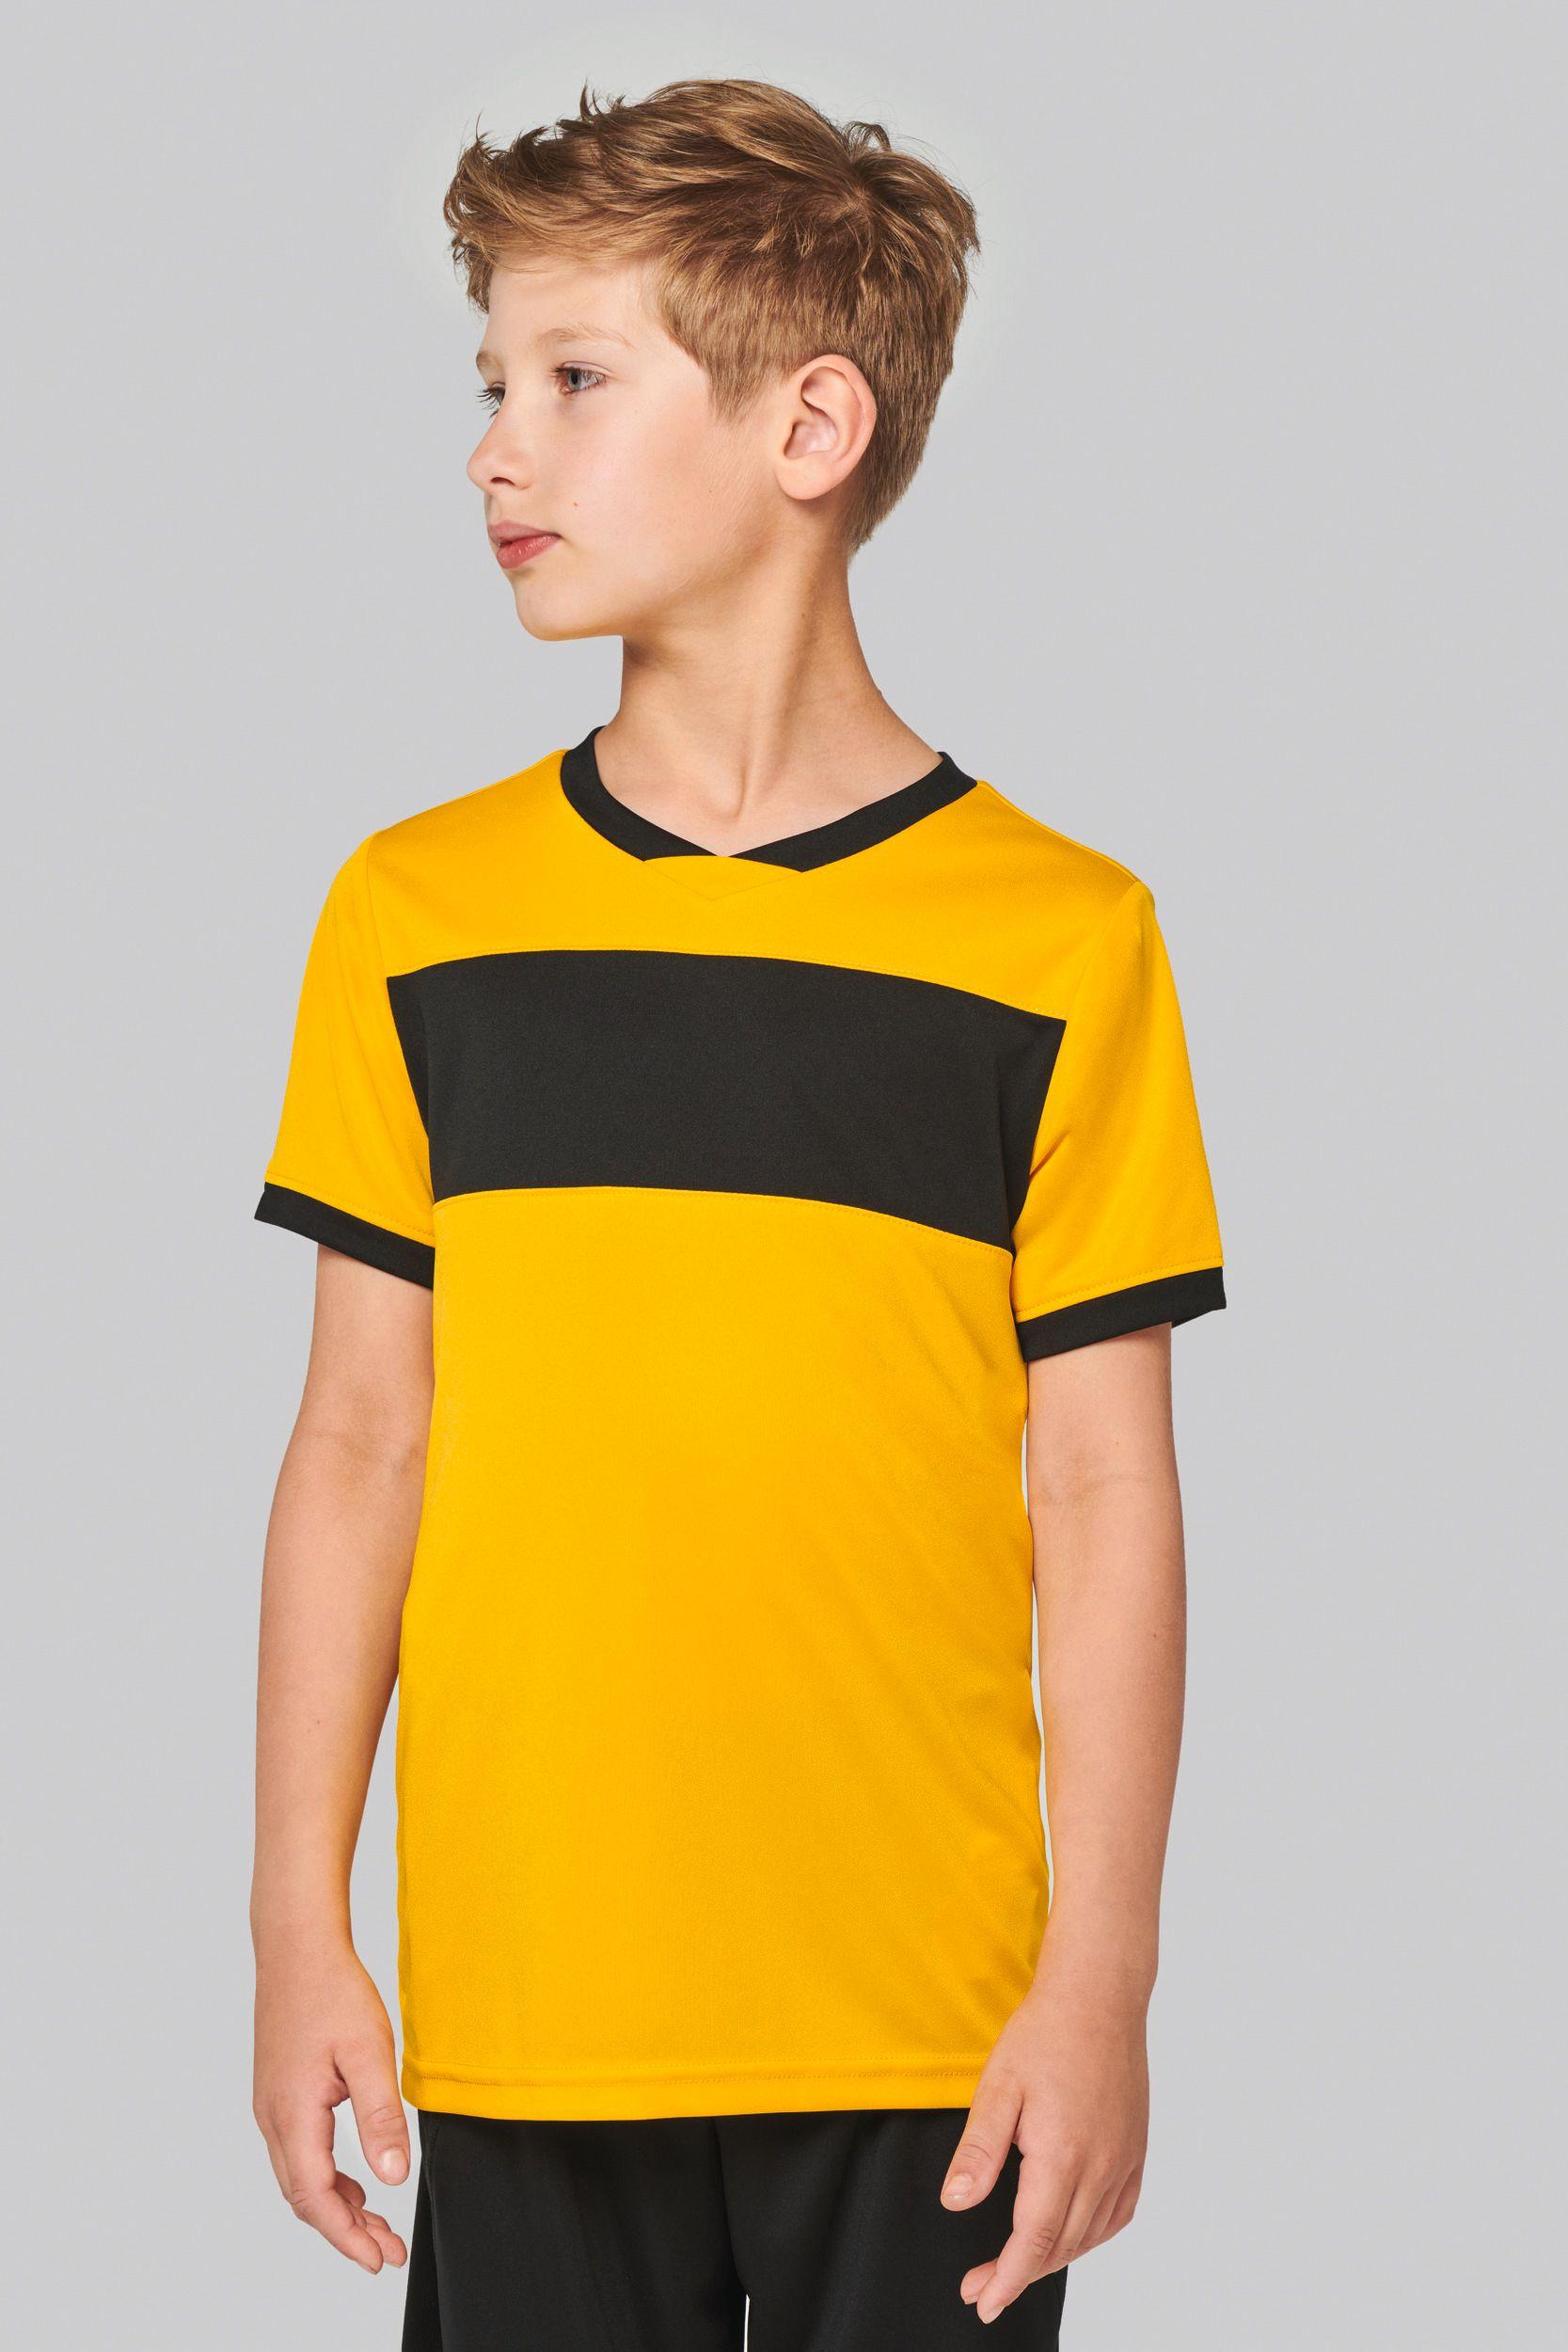 Dìtský dres - trièko kr.rukáv